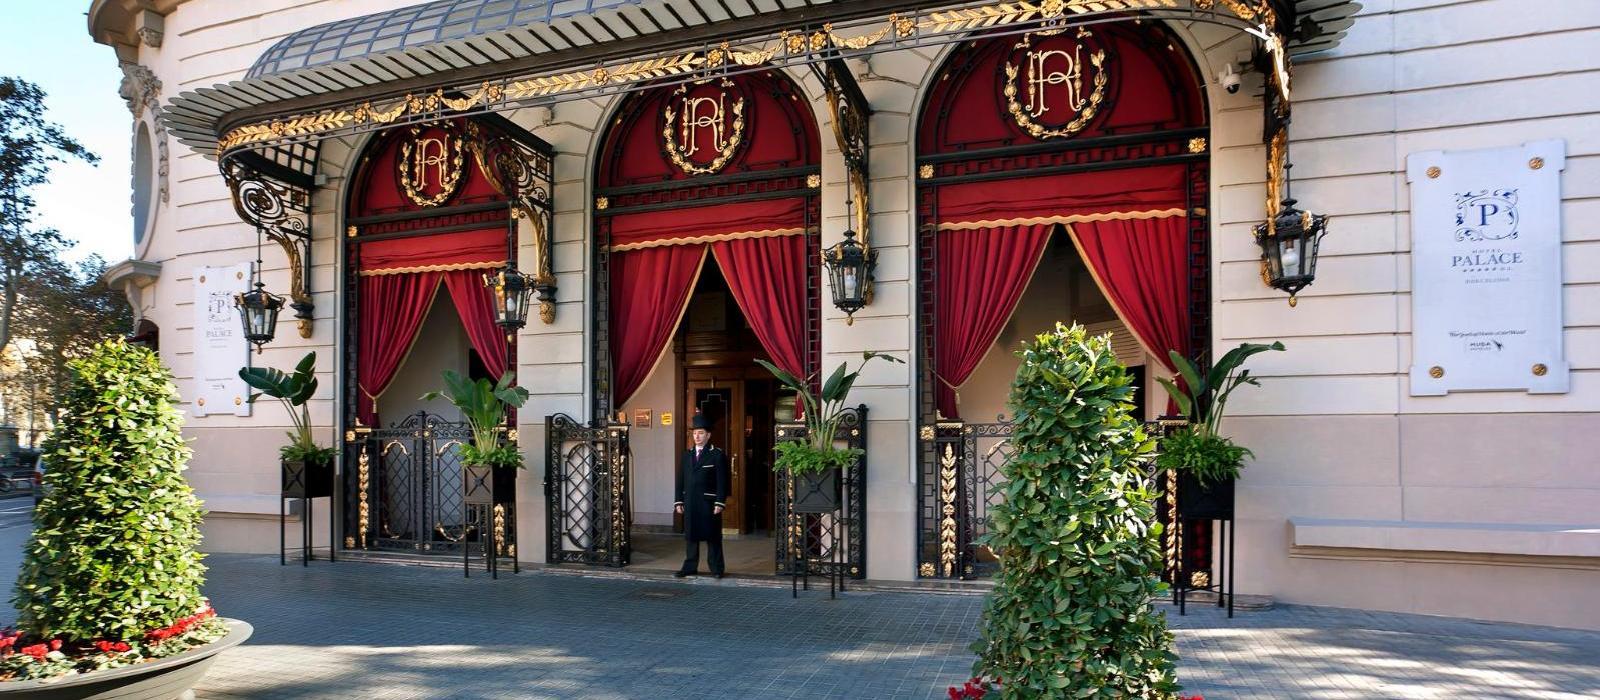 巴塞罗那皇宫酒店(El Palace Barcelona) 酒店外观图片  www.lhw.cn